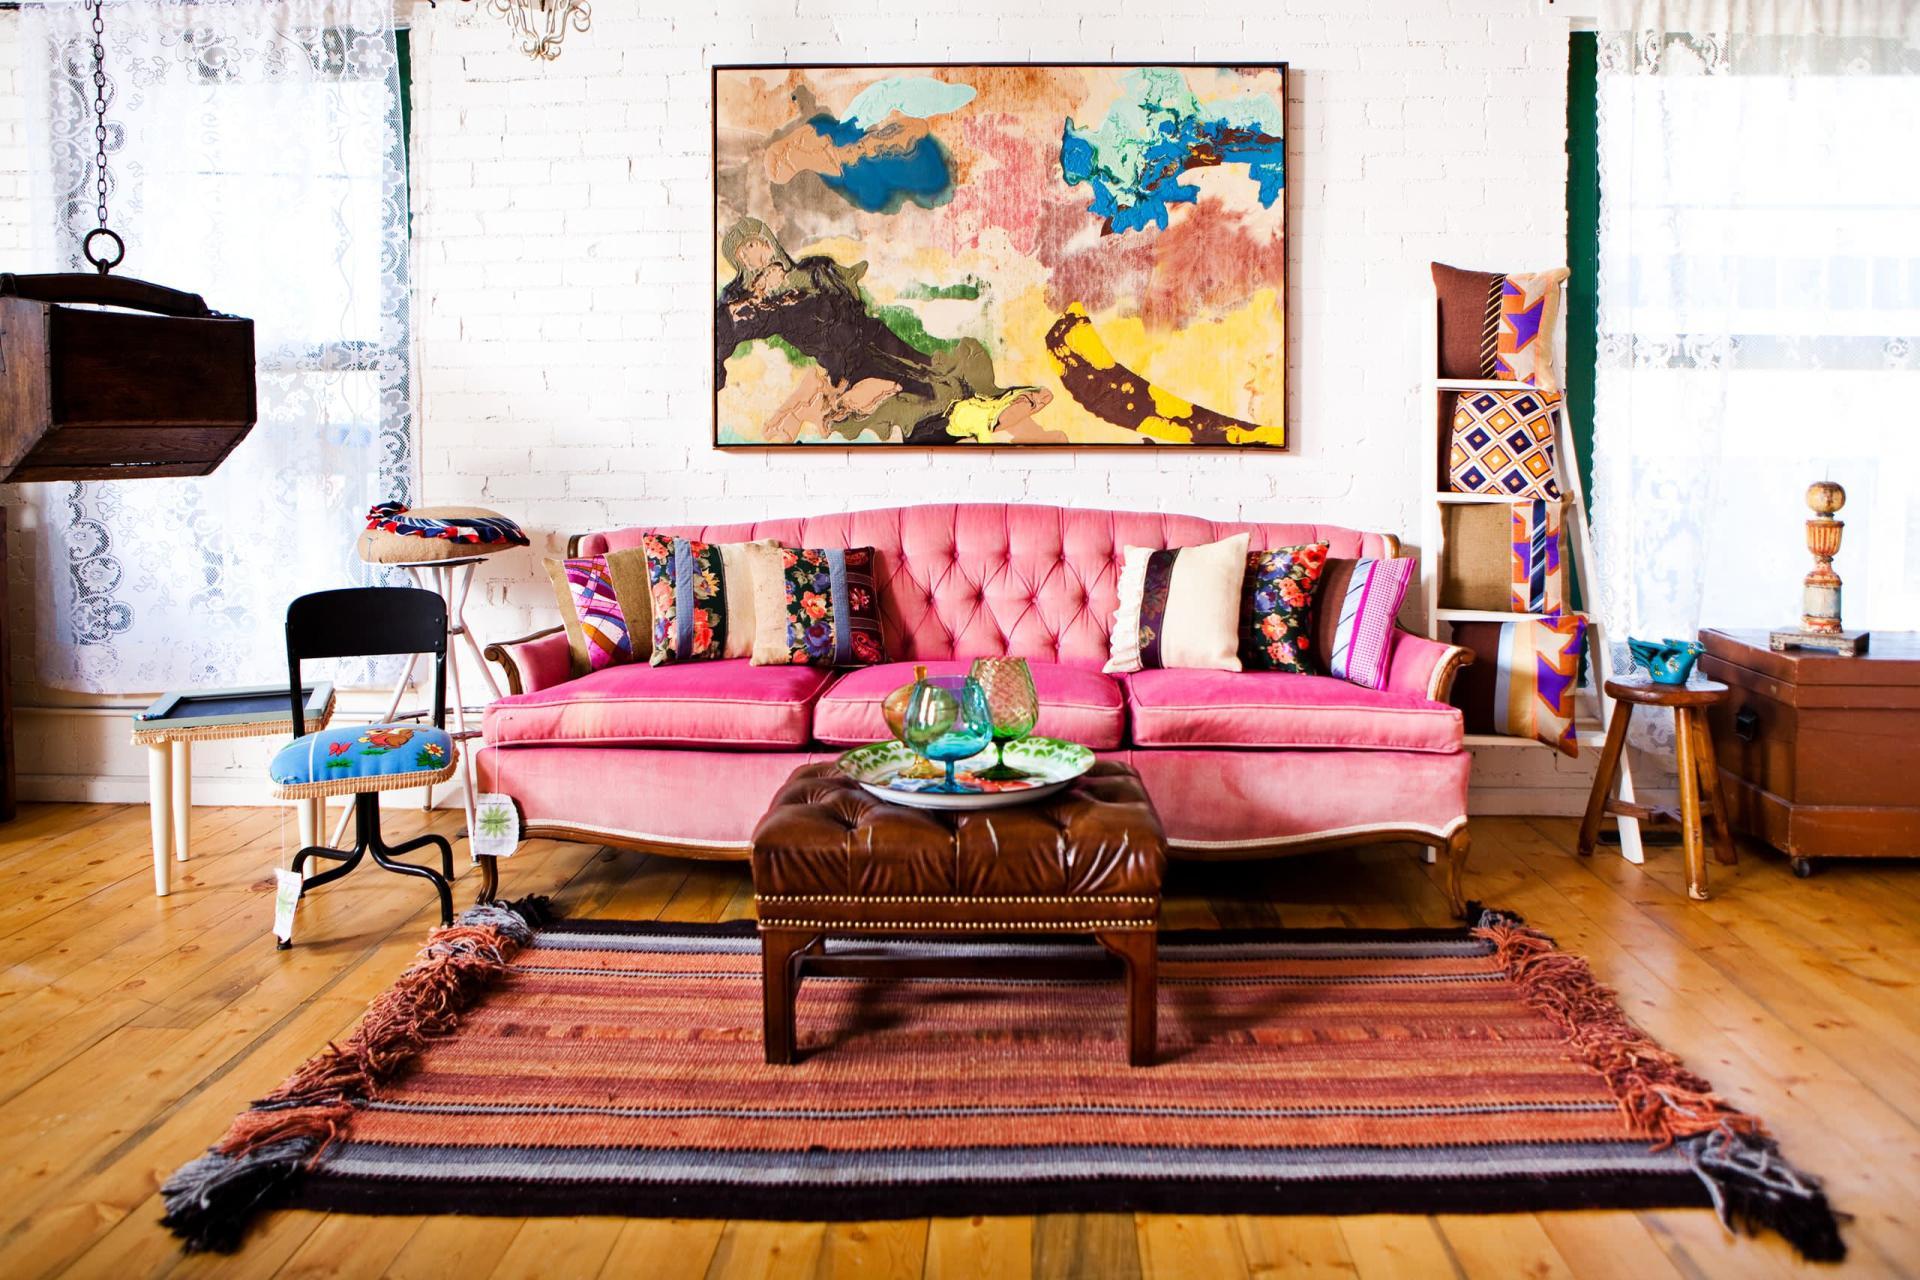 Декор своими руками — современные оригинальные варианты красивого украшения и лучшие идеи для дома (95 фото)